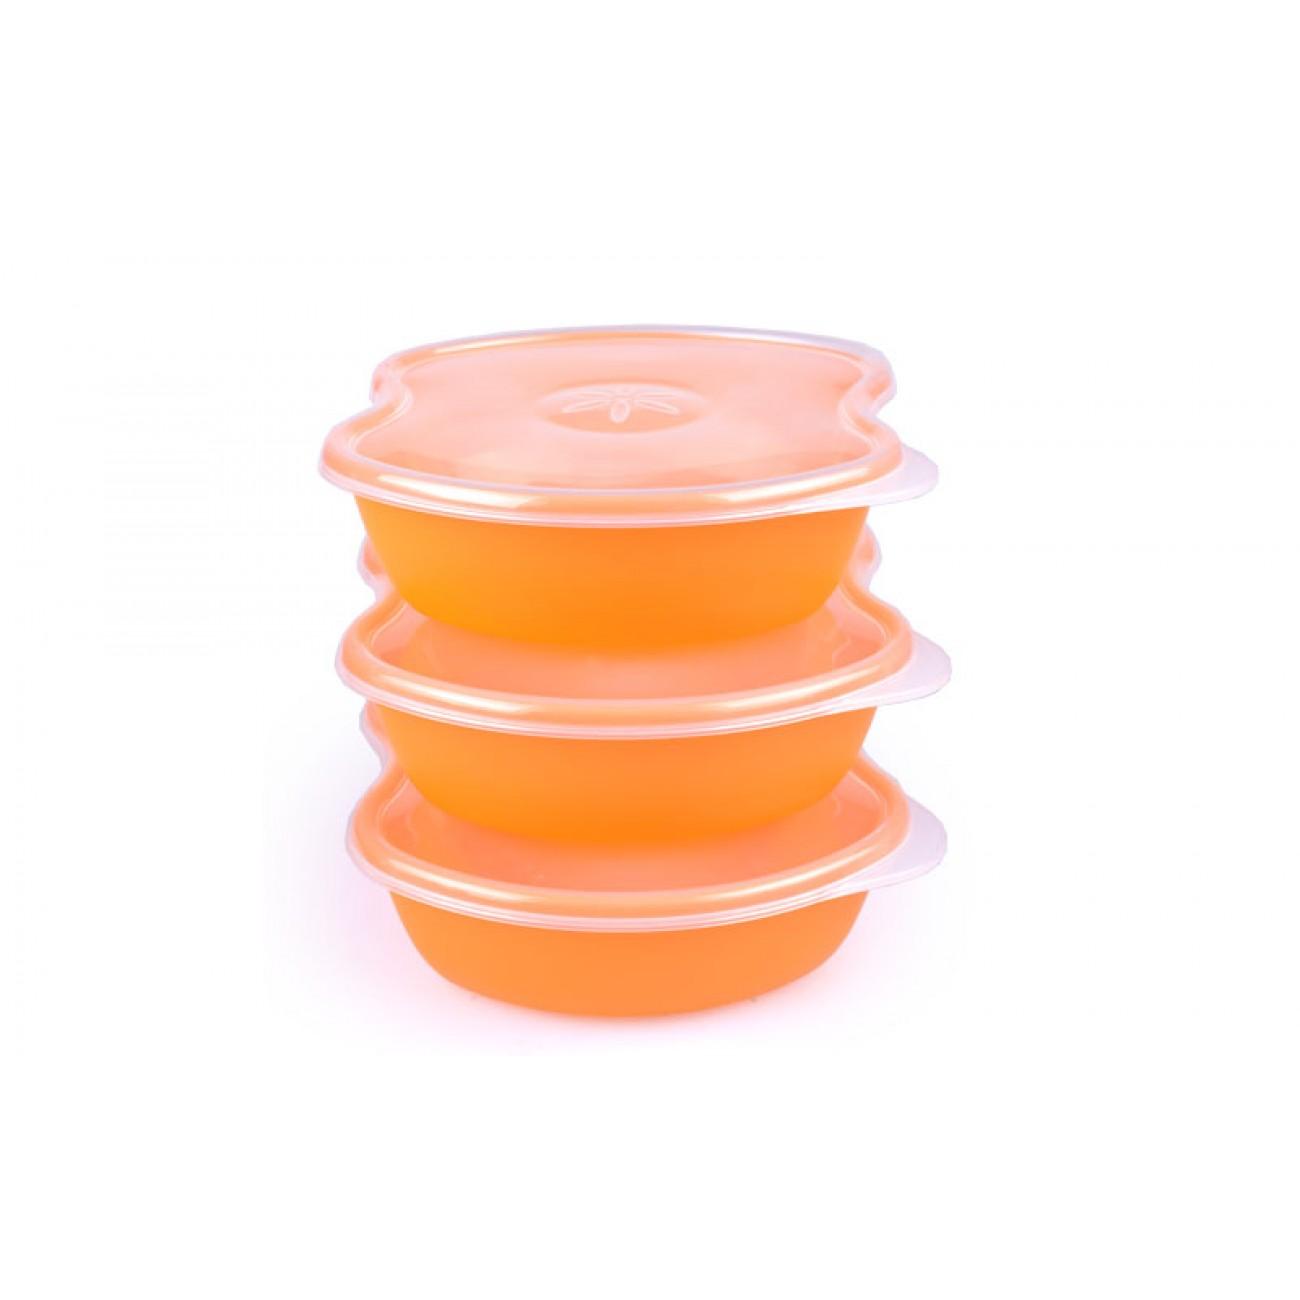 Σετ 3 τάπερ με εύκολο άνοιγμα - 23x20x7cm - Πορτοκαλί - ΟΕΜ 34069